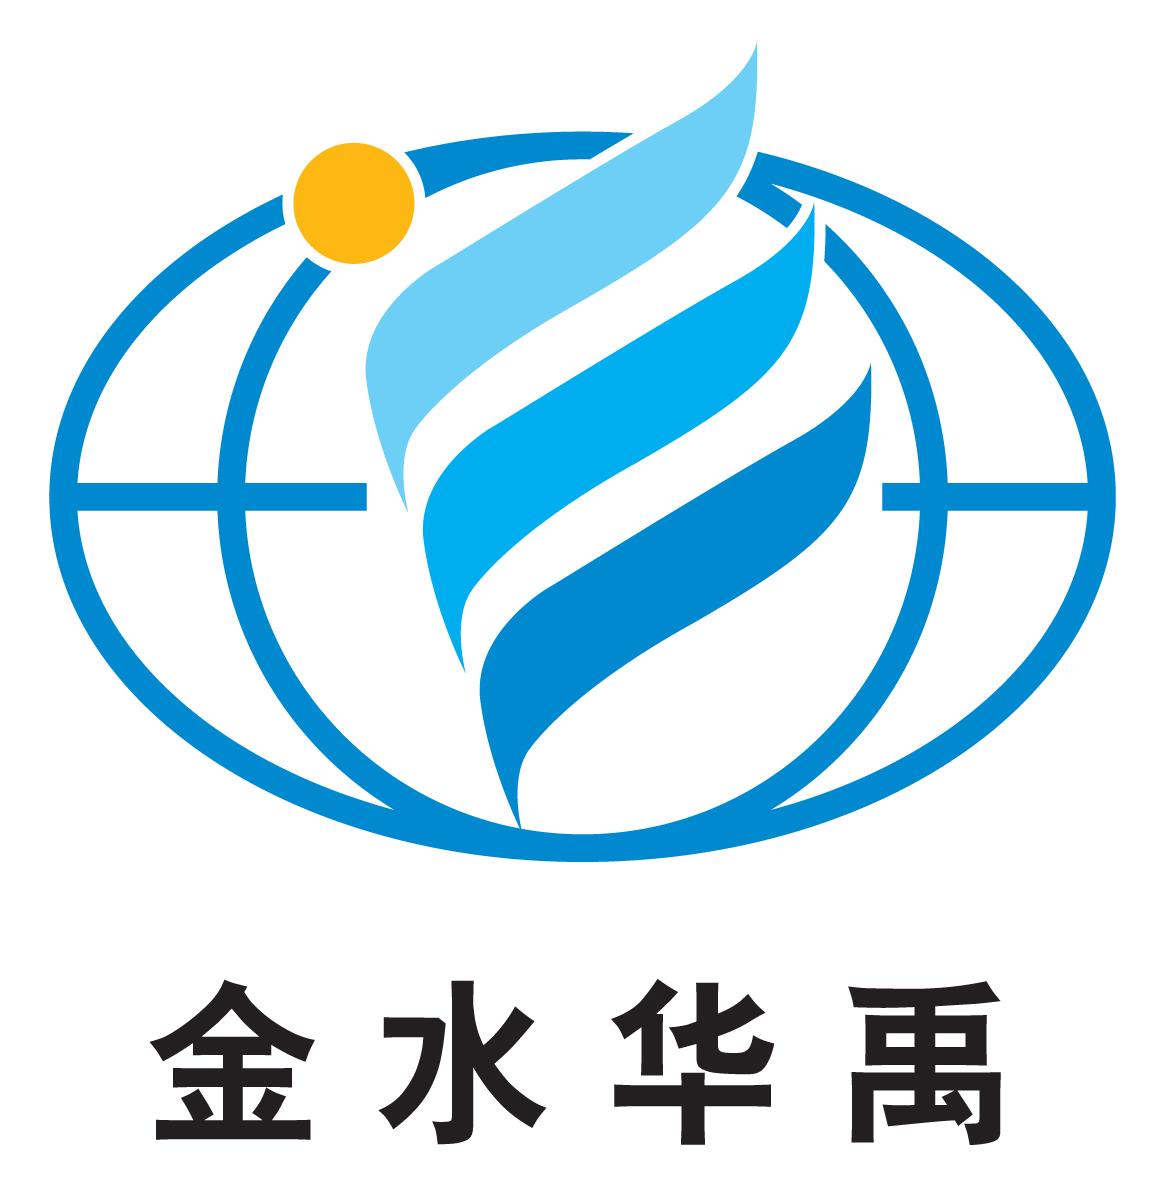 濰坊金水華禹信息科技有限公司